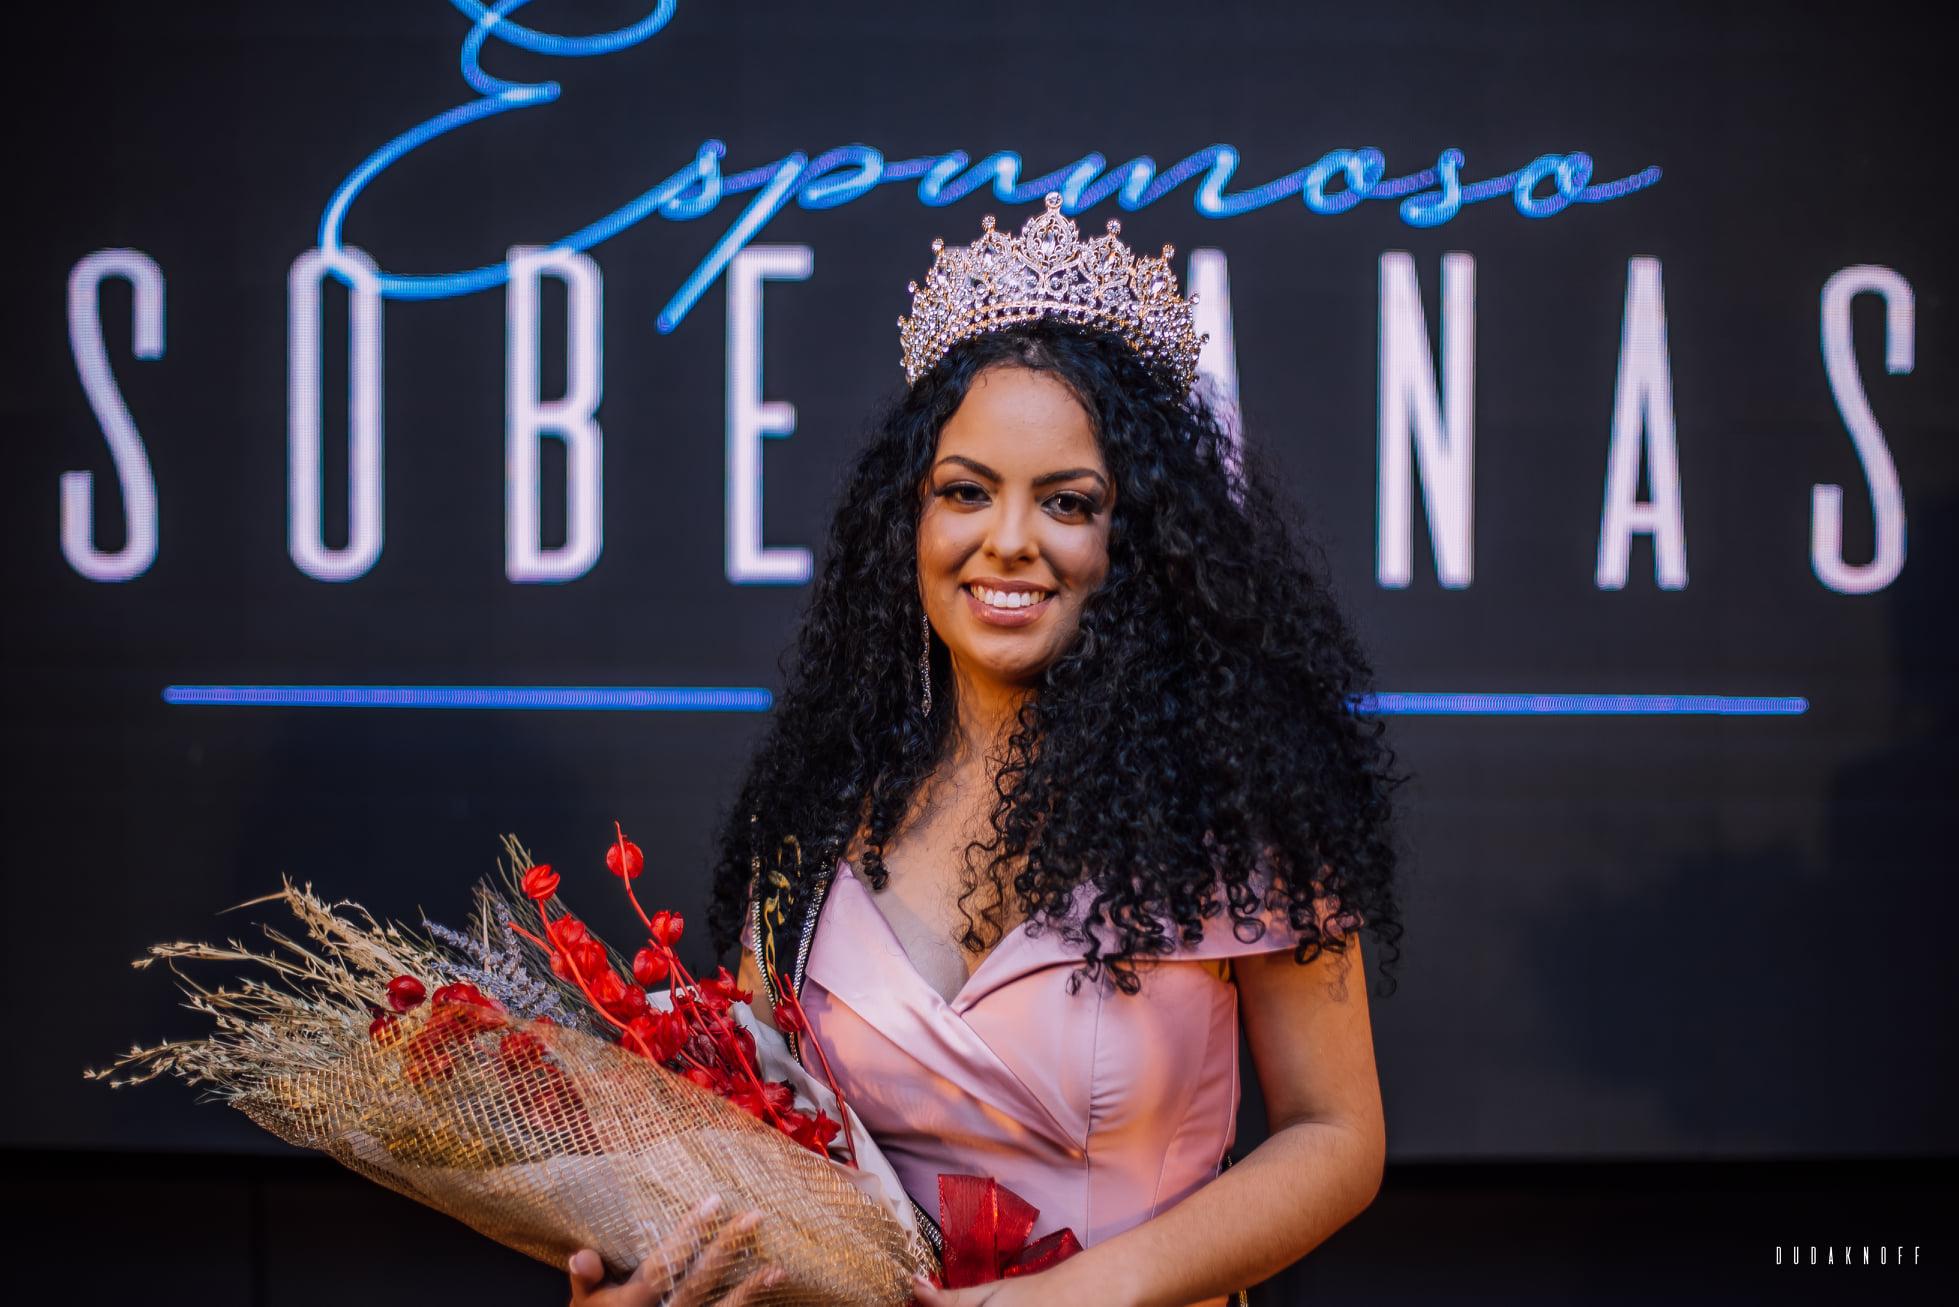 Rainha de Espumoso Carolini Prates de Oliveira esbanja conhecimento e simpatia